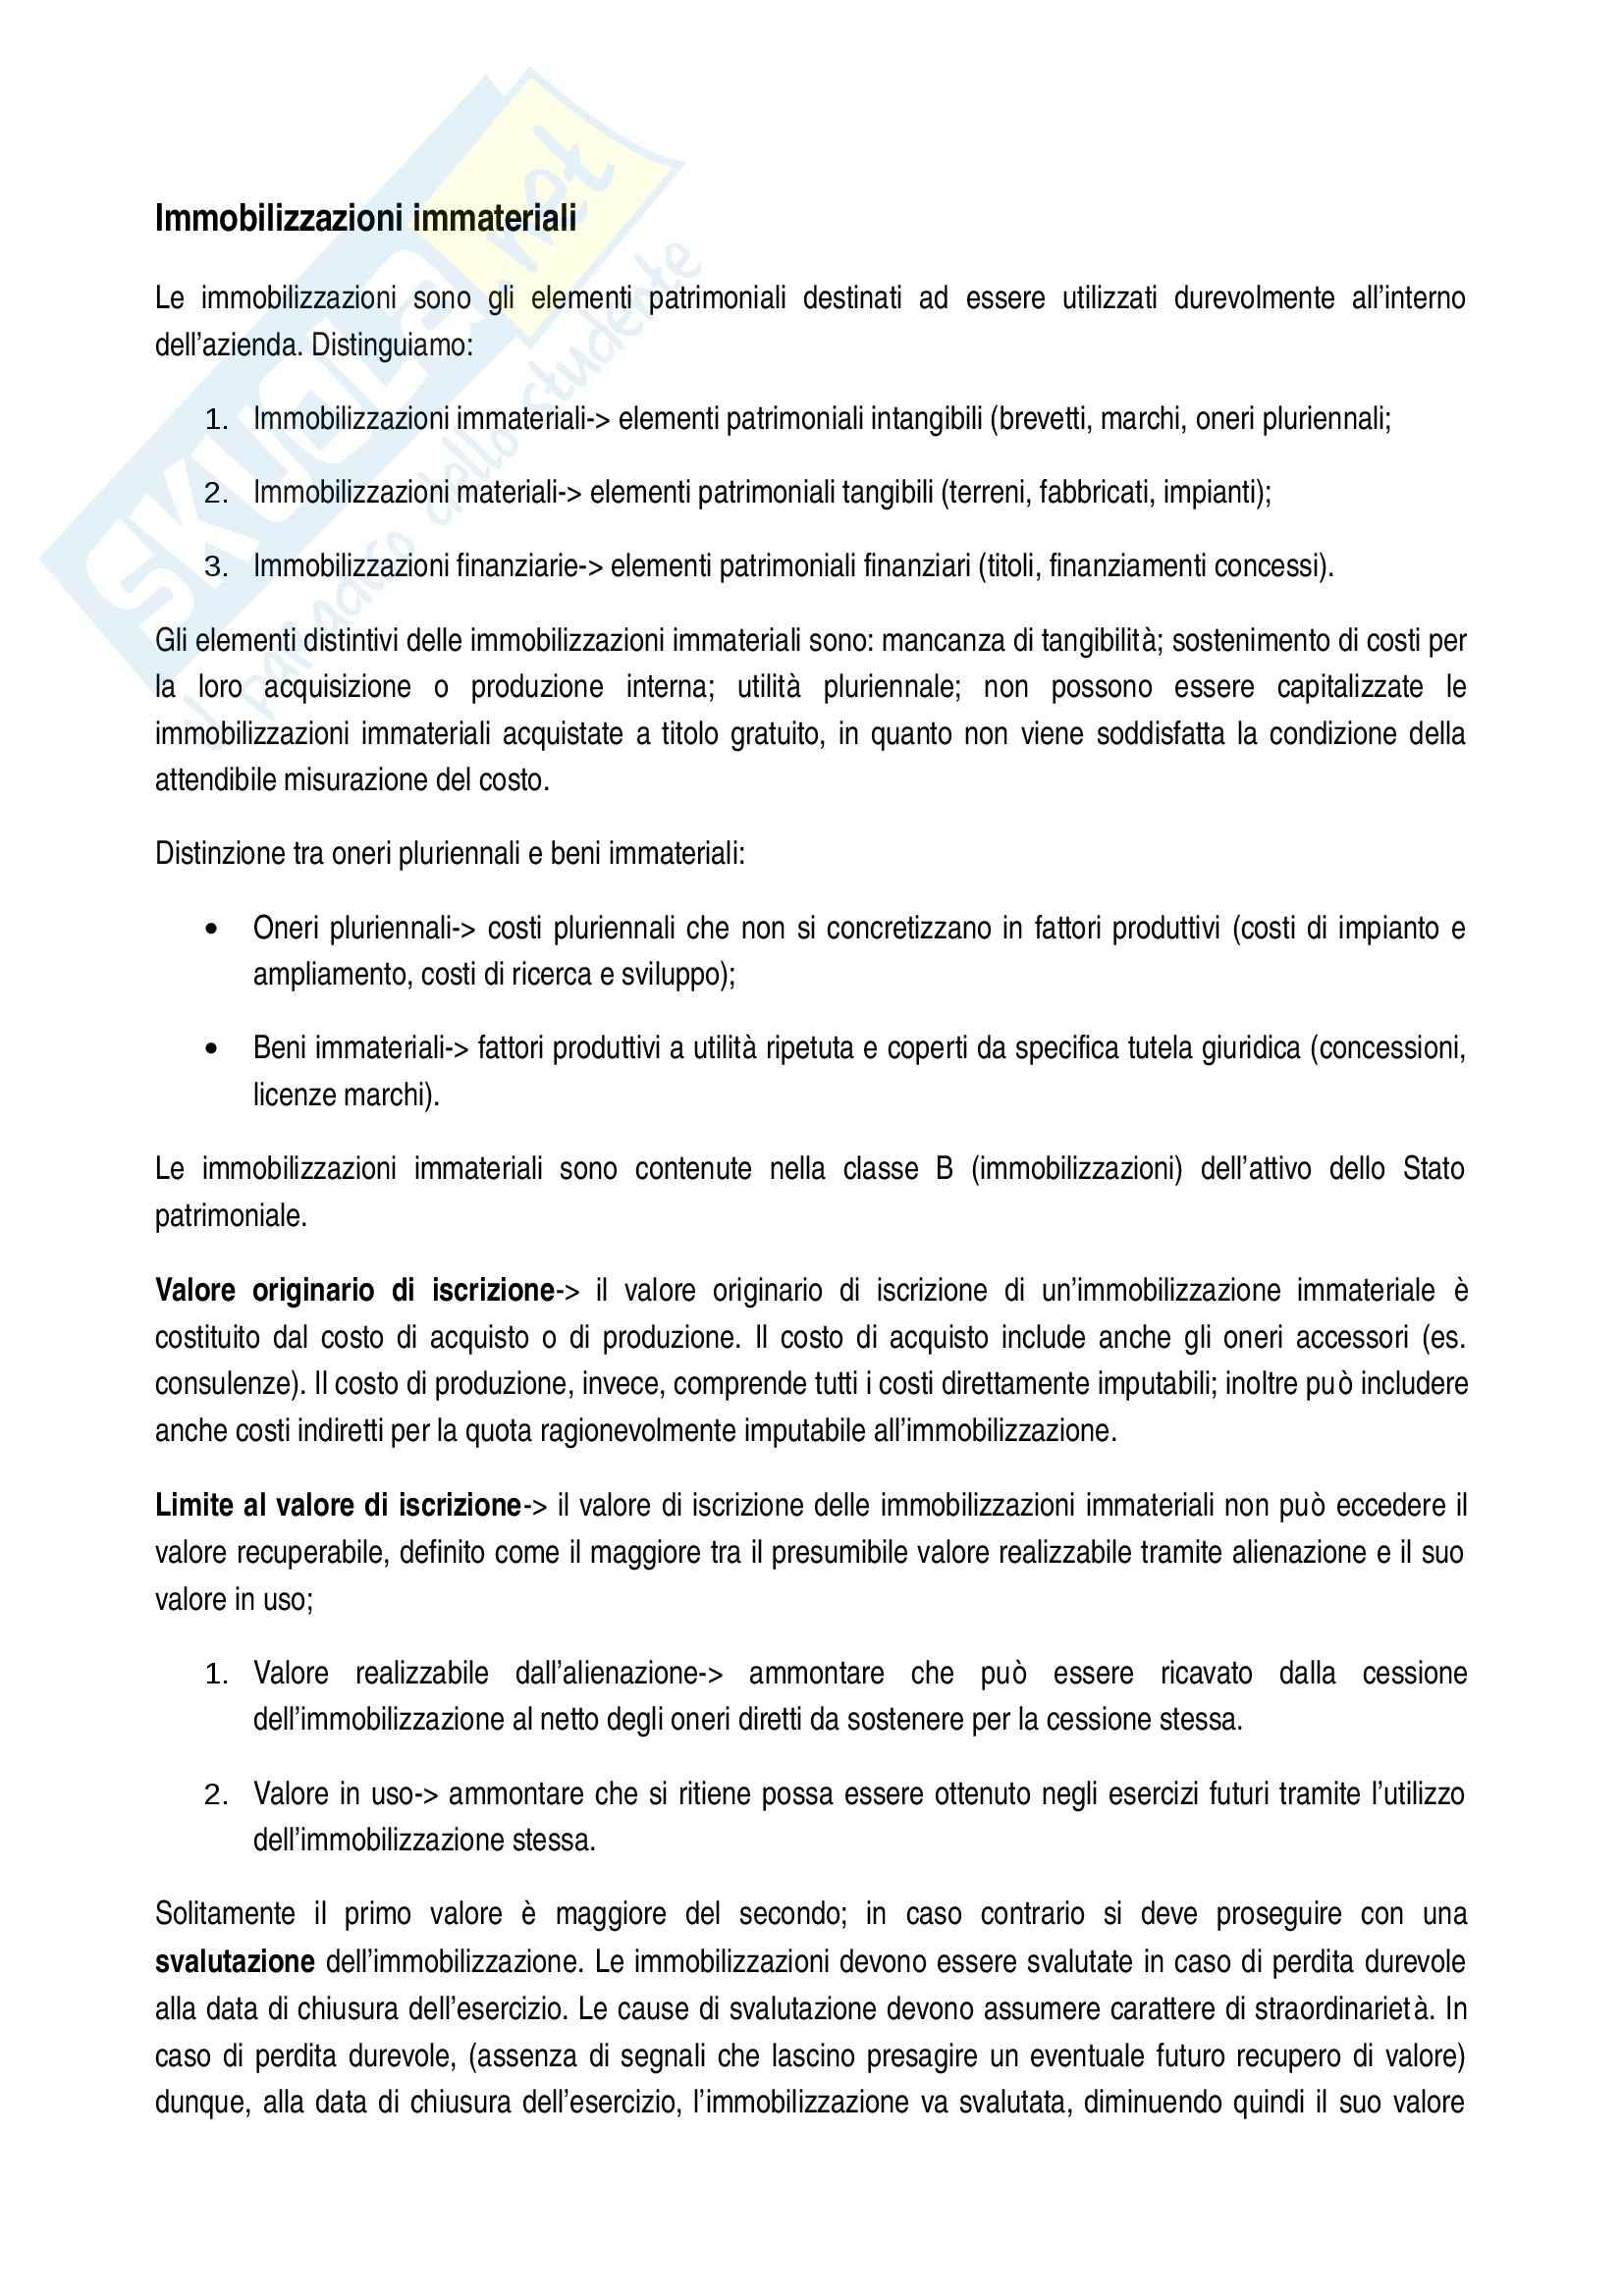 Immobilizzazioni immateriali, OIC e IASB